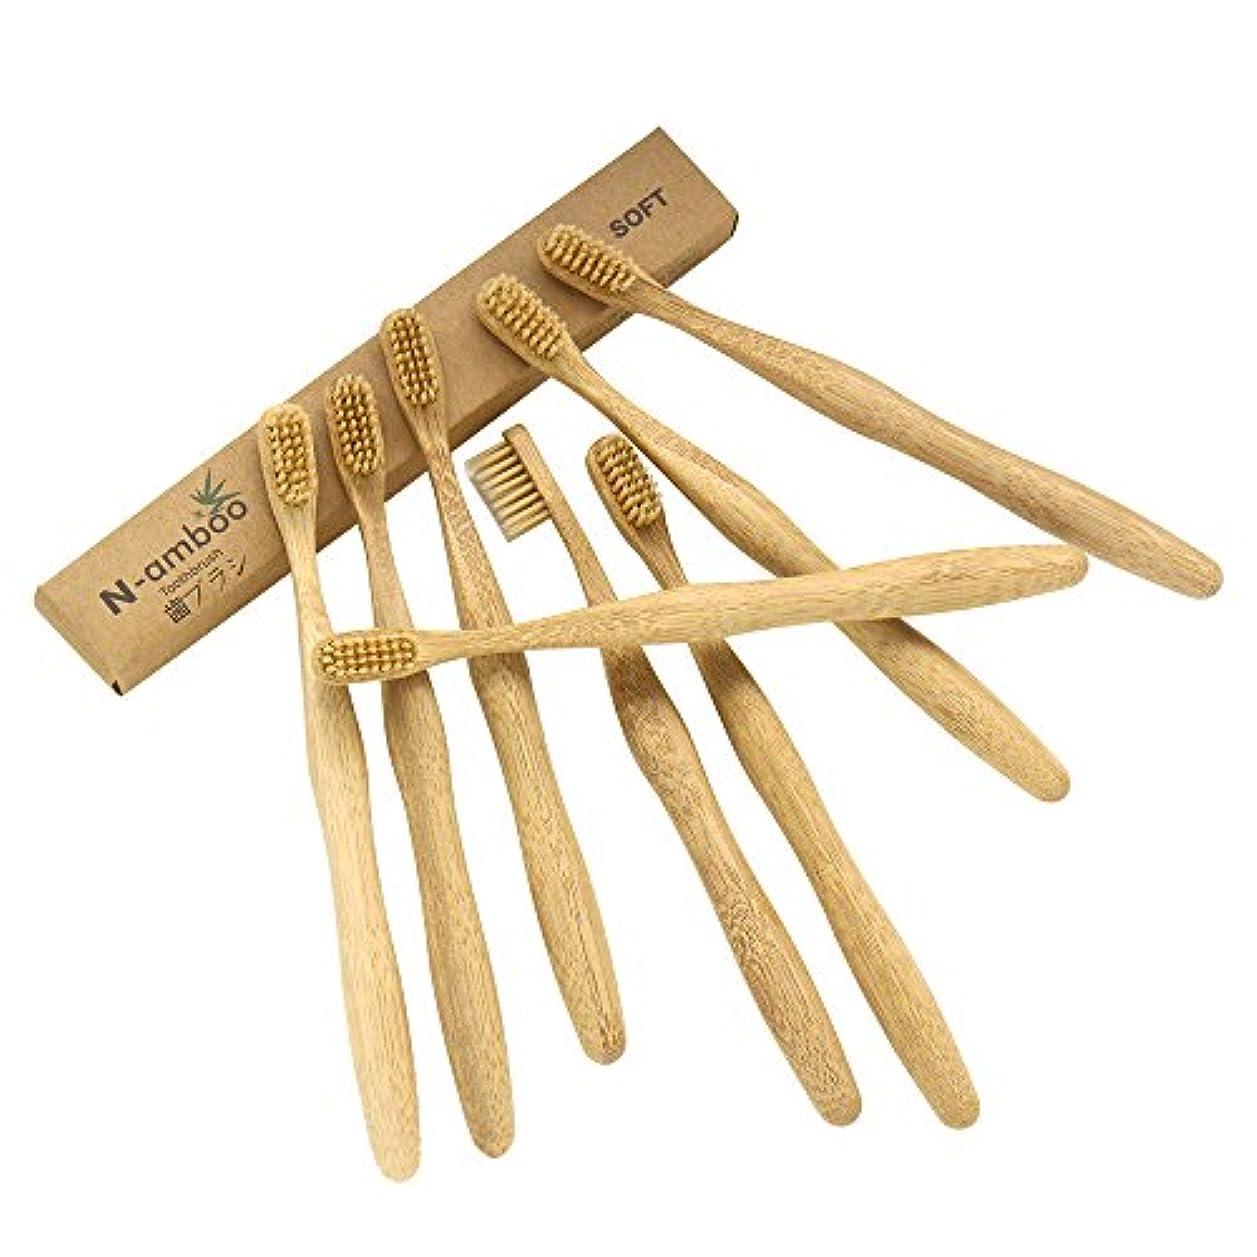 無許可欺目の前のN-amboo 竹製耐久度高い 歯ブラシ ベージュ 8本入り セット